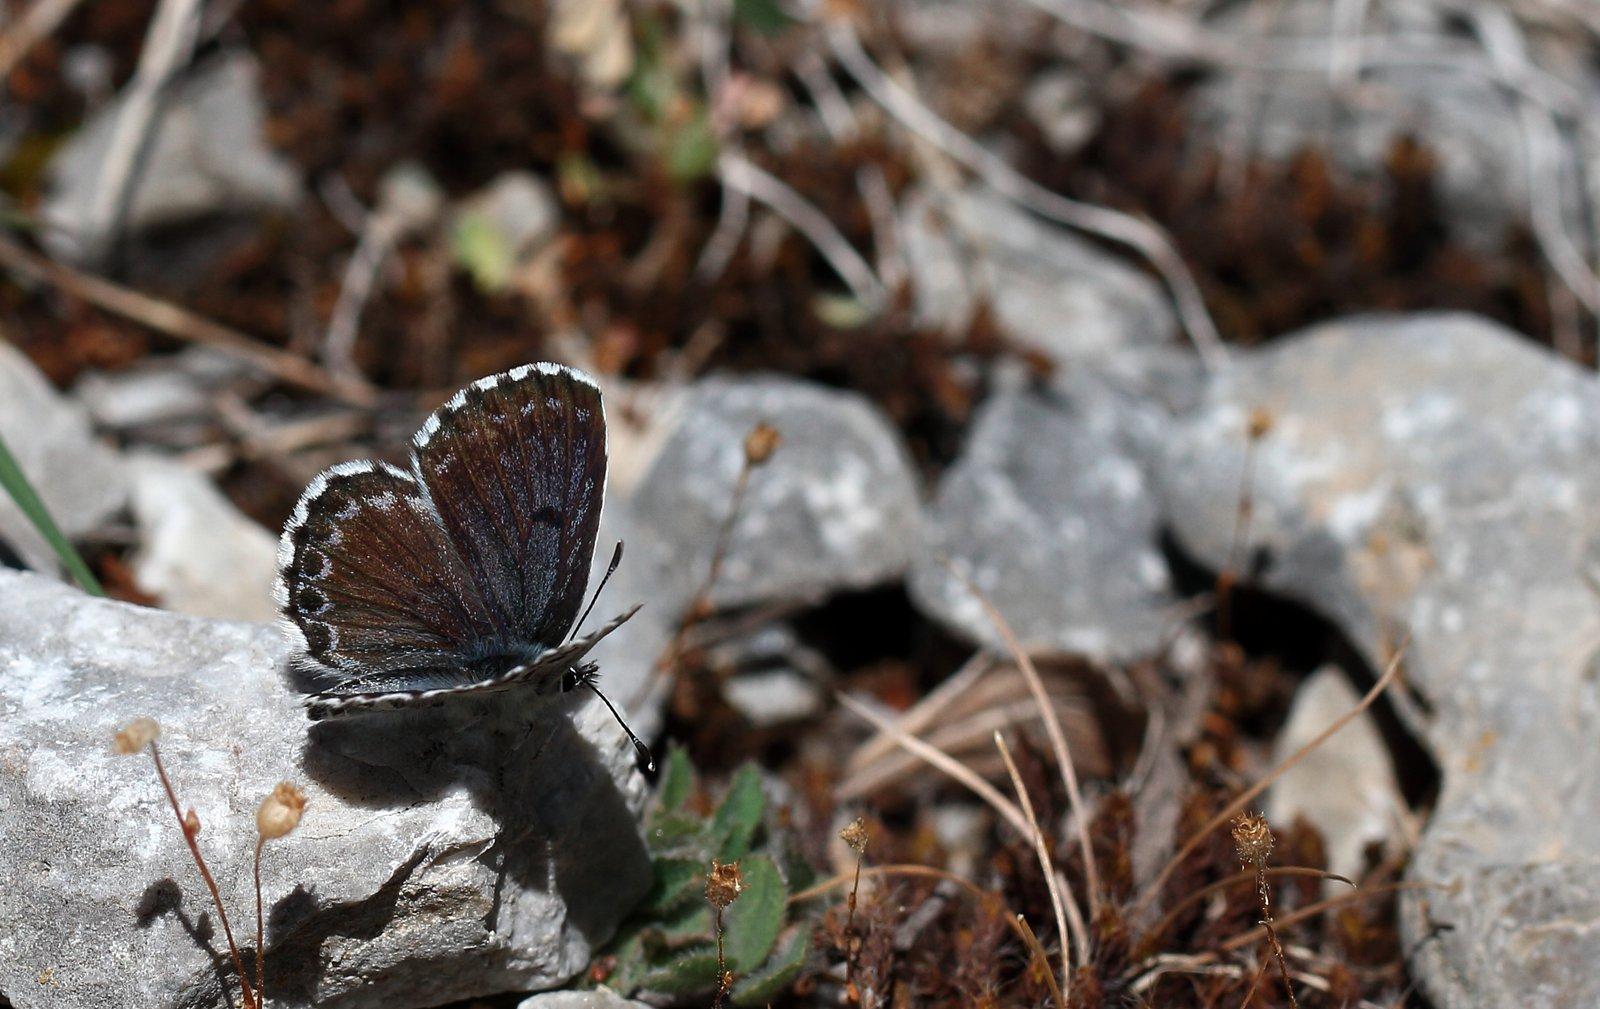 Stenurtblåfugl, Scolitantides Orion